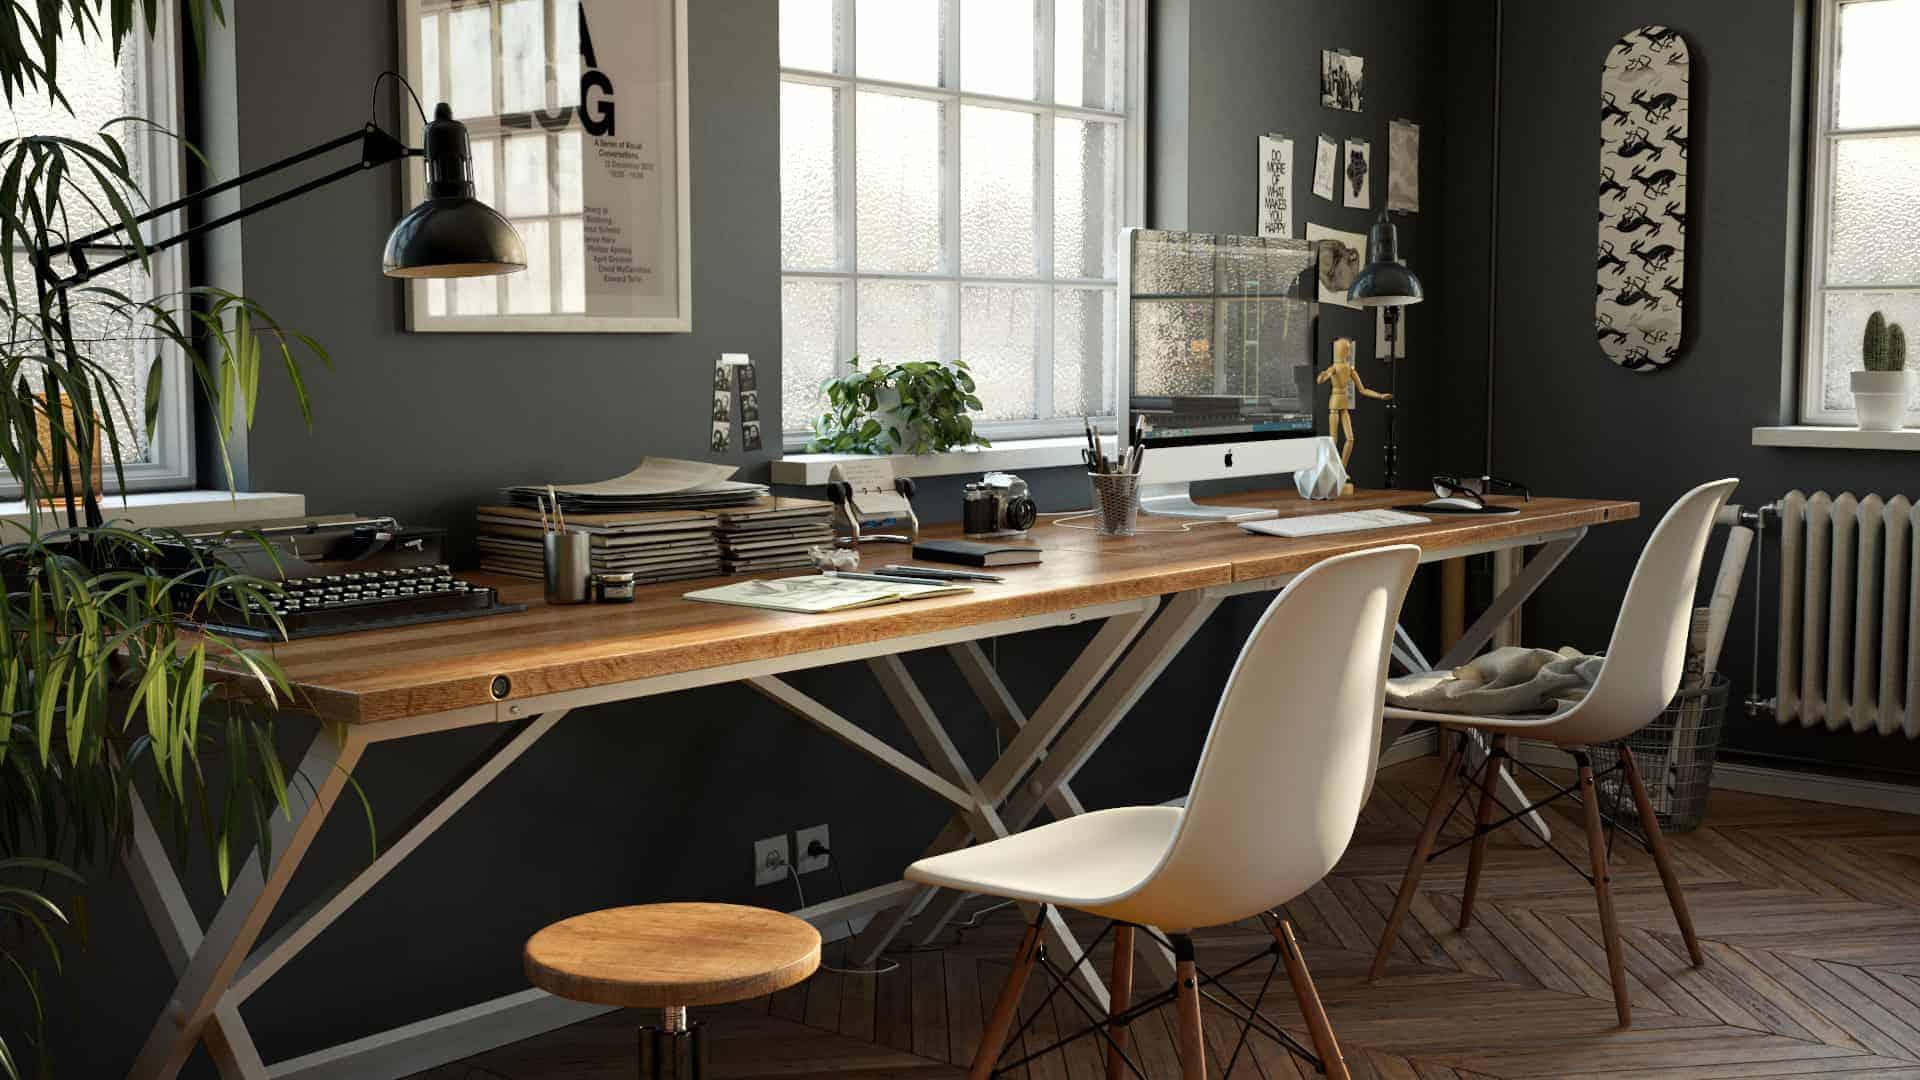 Industrial Workspace - Design Ideas